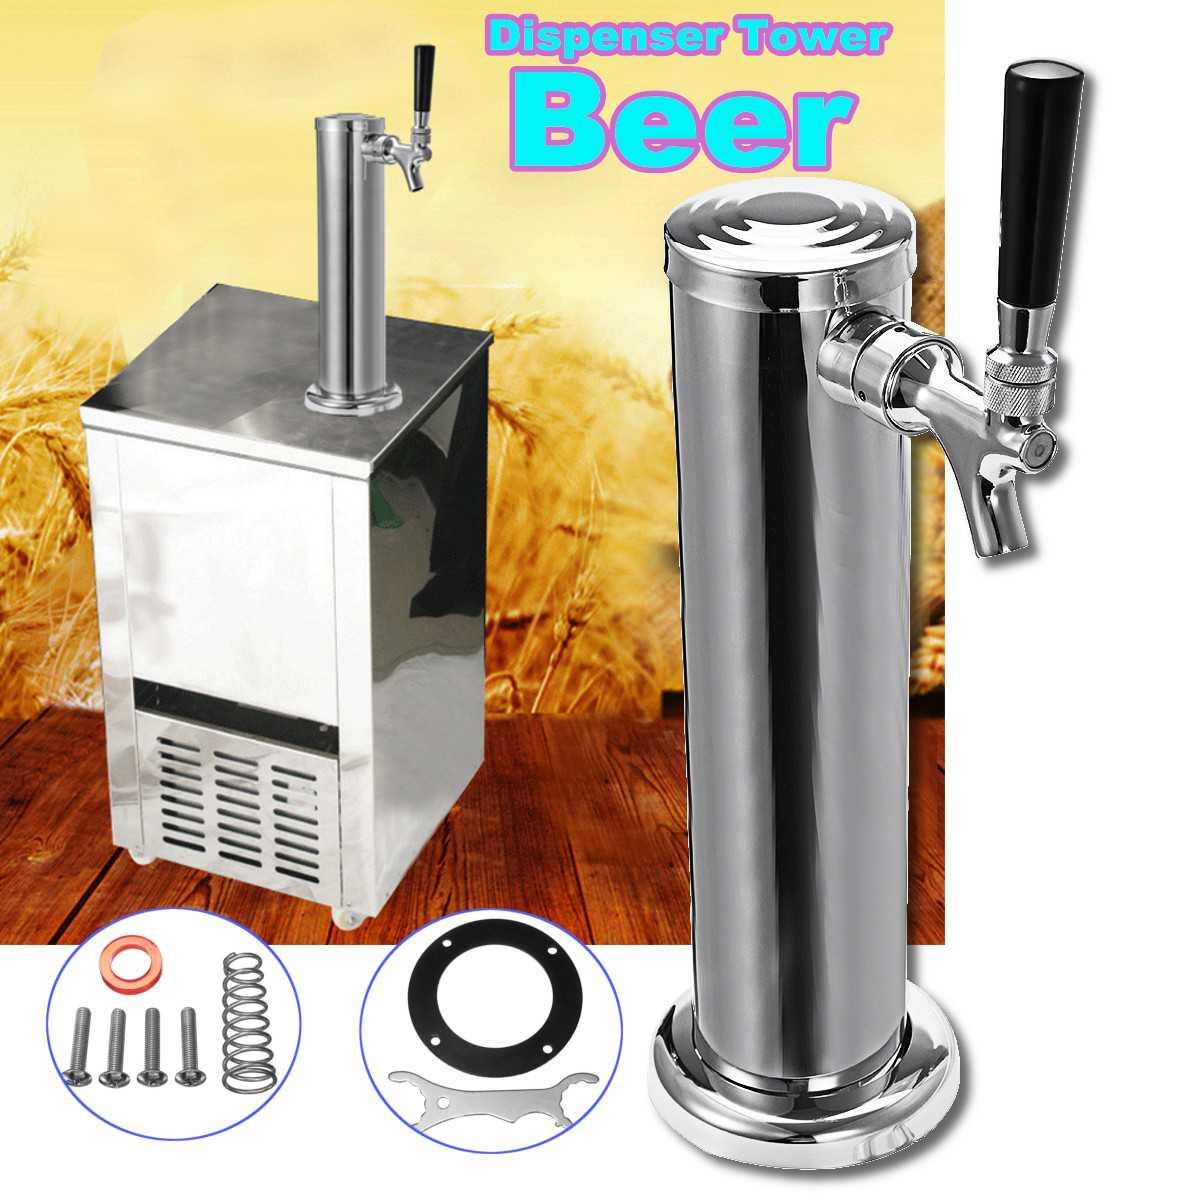 בירה-מתקן מתבשל-סט מיץ שתיית-מגדל איטום-ברז בירה-ברז Pourer-בר משקאות dispenser